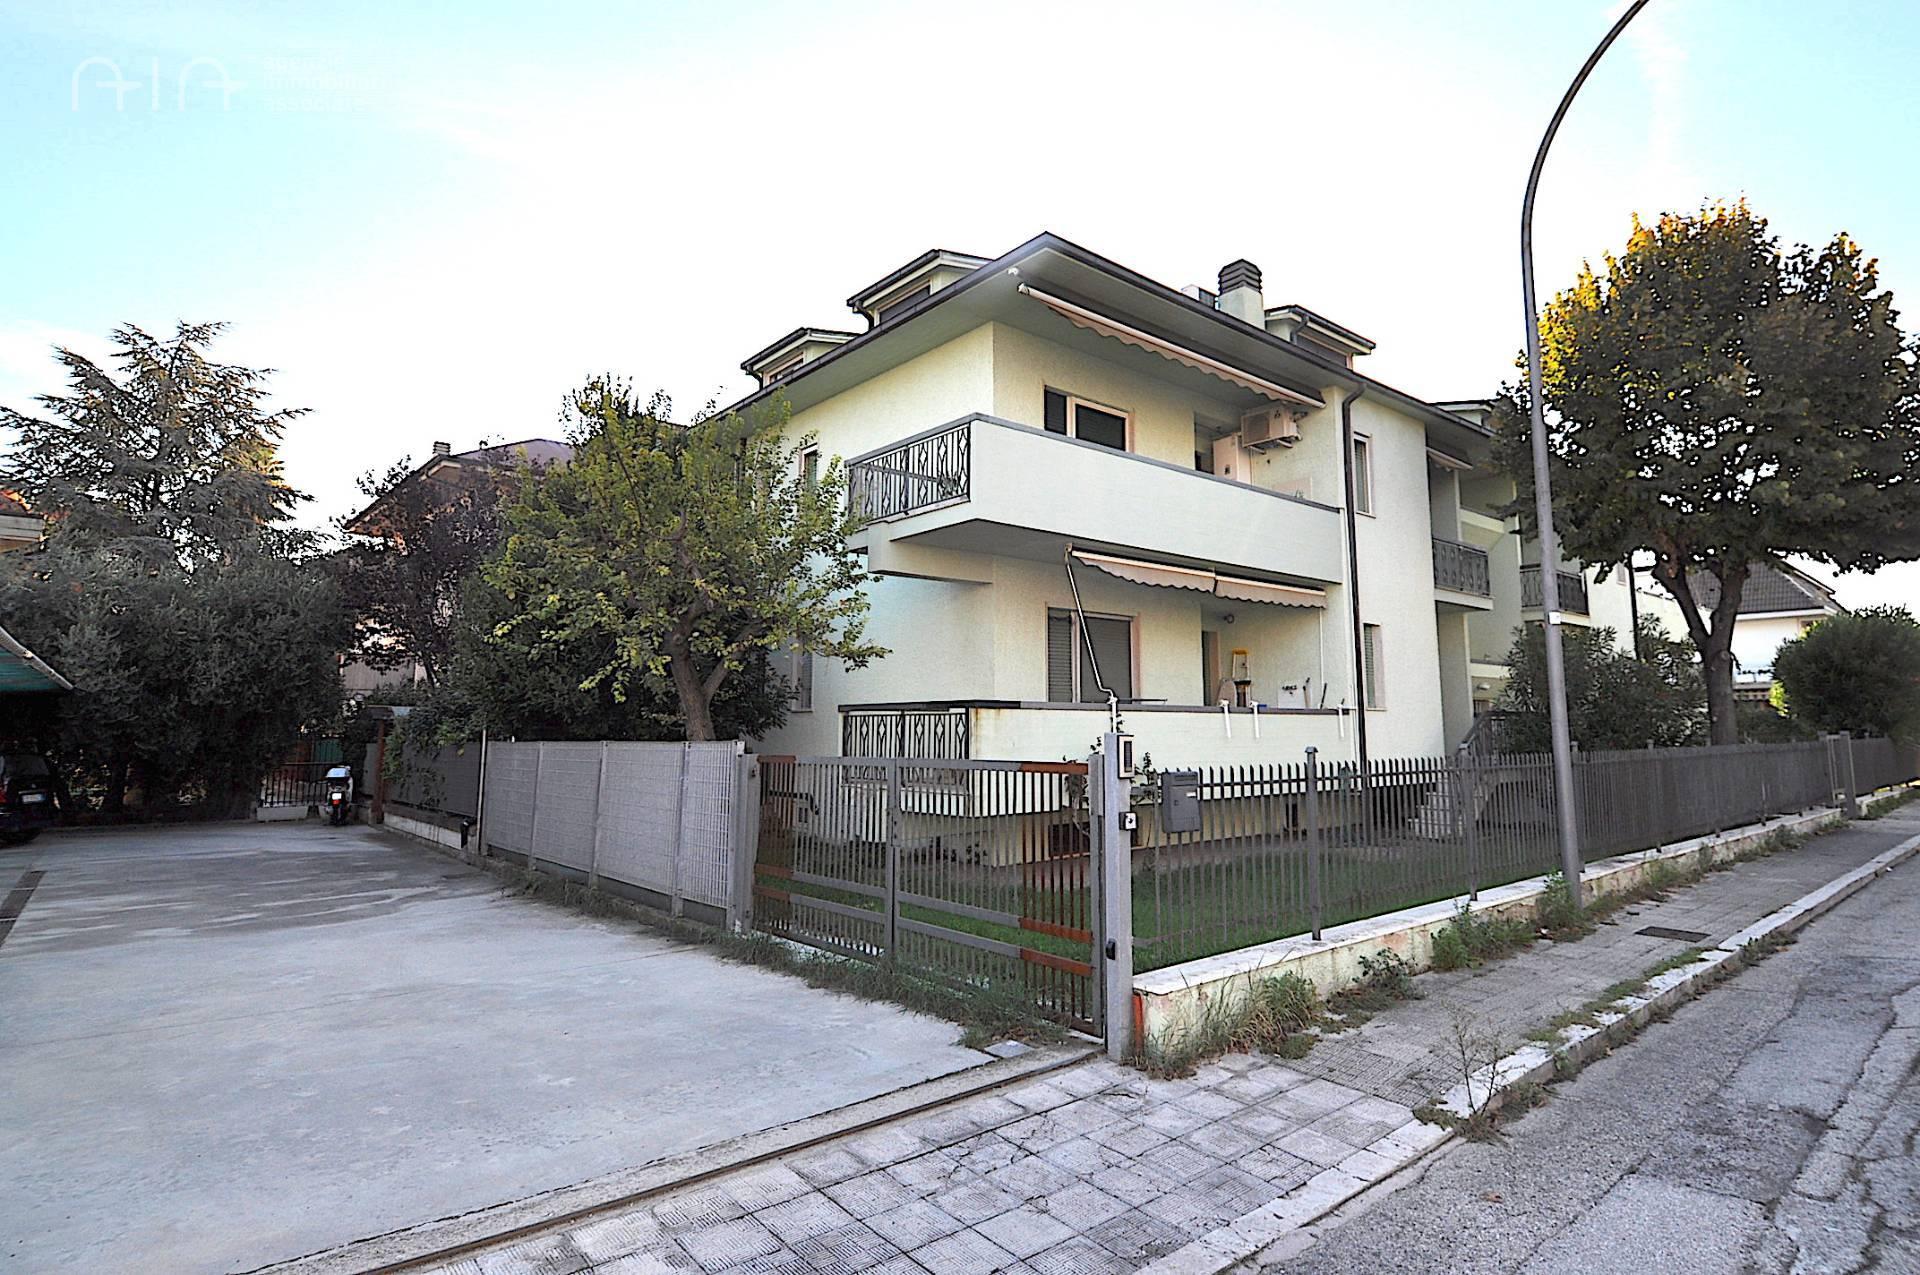 Appartamento in vendita a San Benedetto del Tronto, 4 locali, zona Località: PortoDascolilungomare(zonatraspiaggiaeferrovia, Trattative riservate | PortaleAgenzieImmobiliari.it